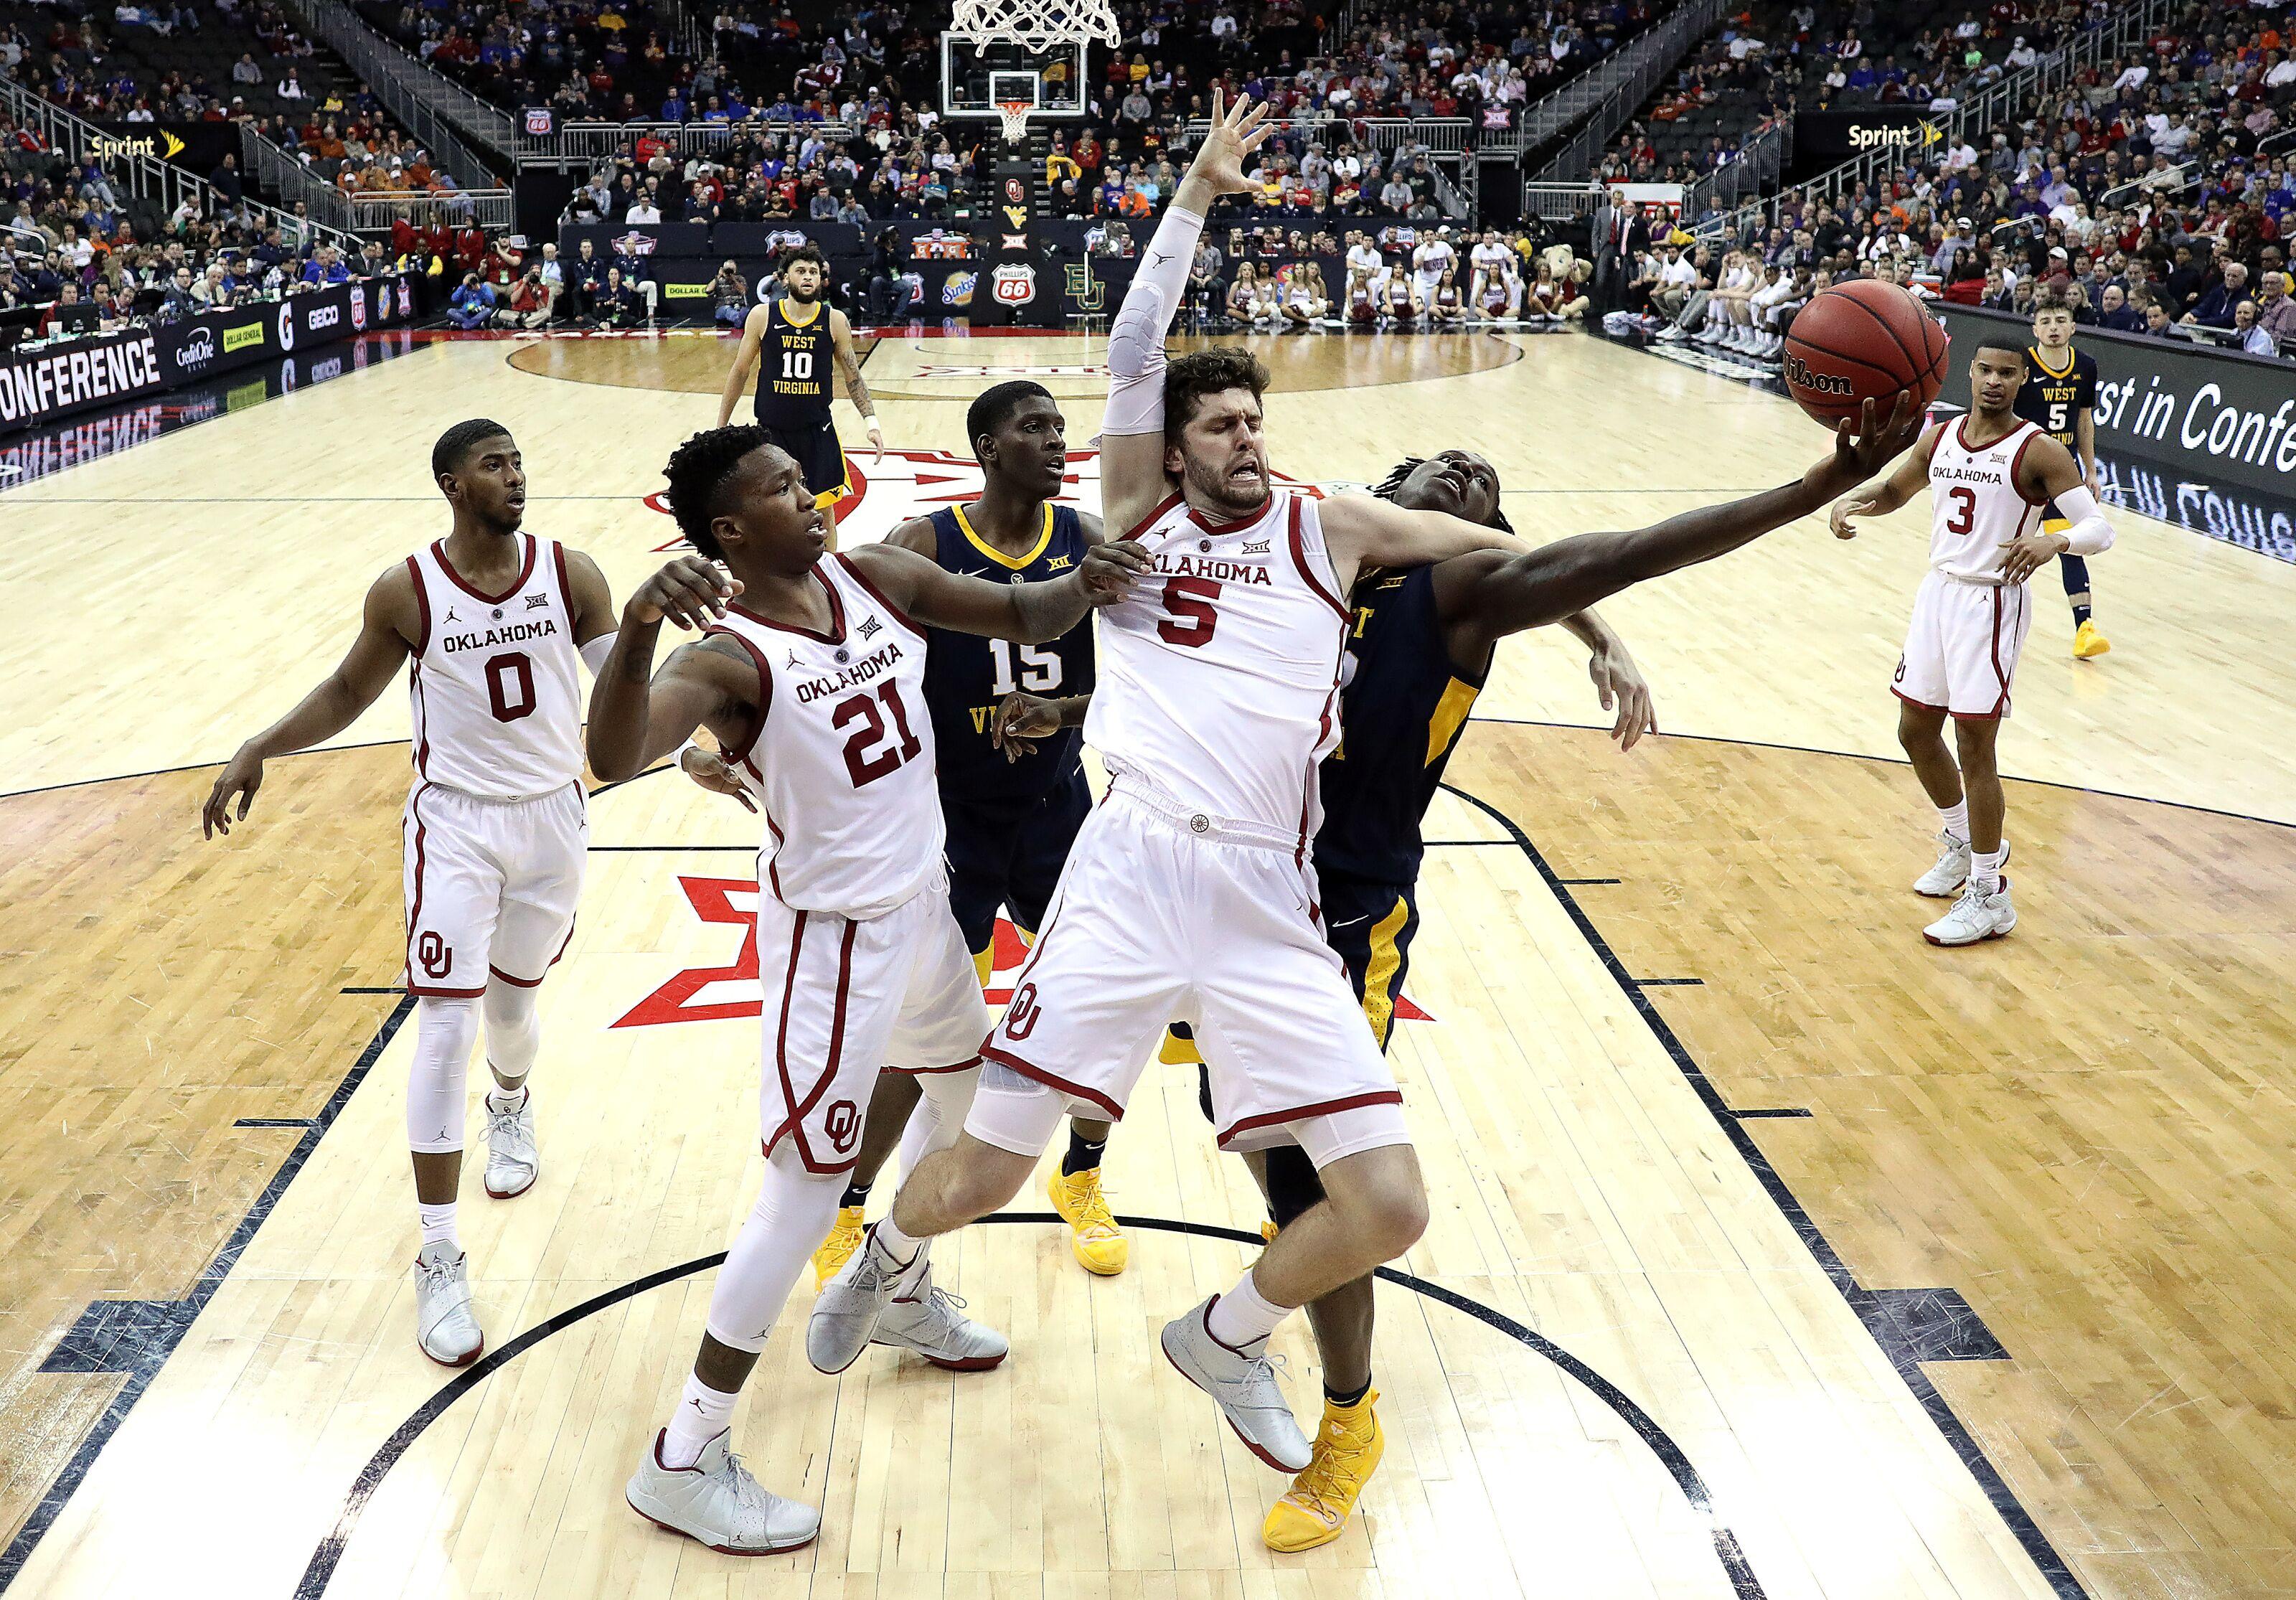 Oklahoma basketball: Can OU make a surprising tournament run?